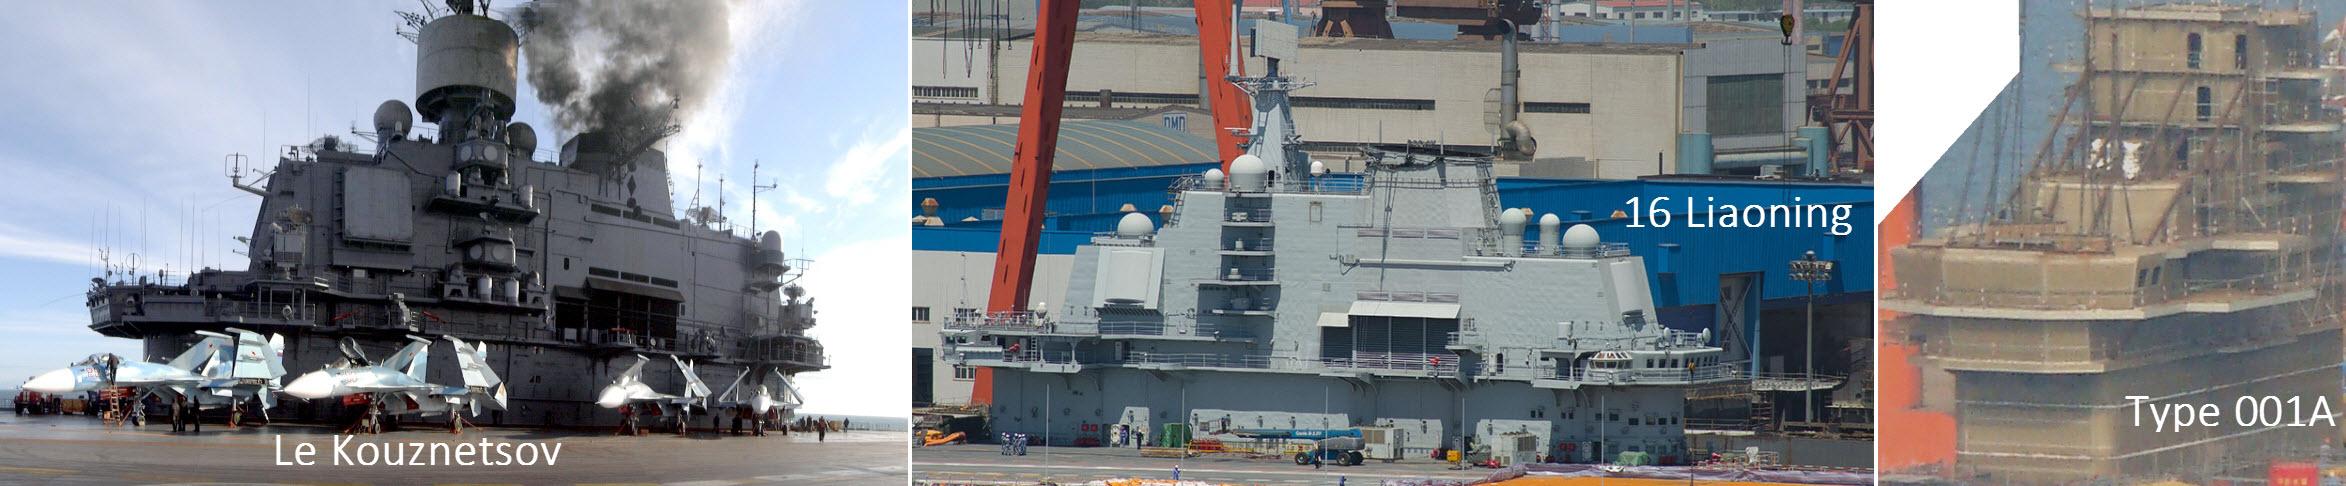 Comparaison des îlots de 3 porte-avions ayant la même origine